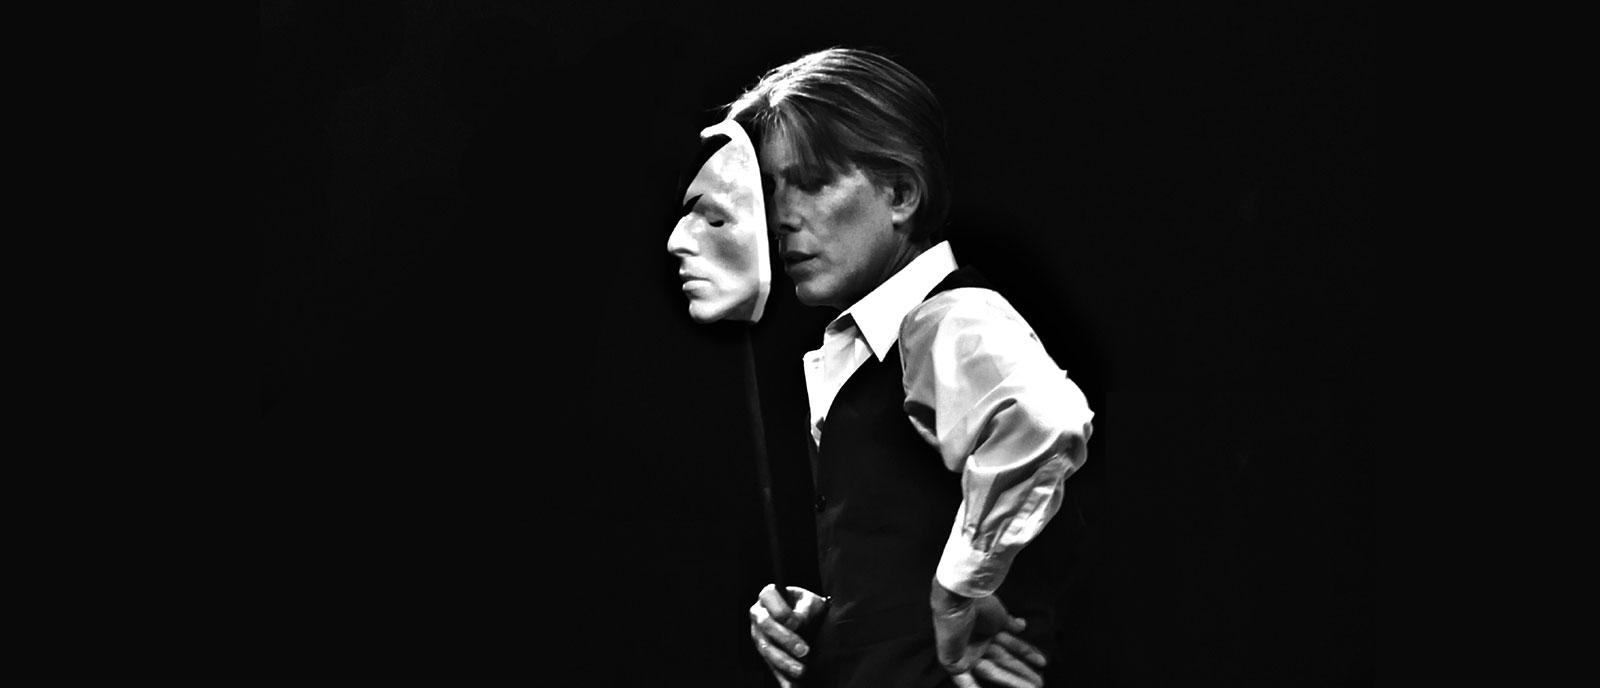 david brighton mask